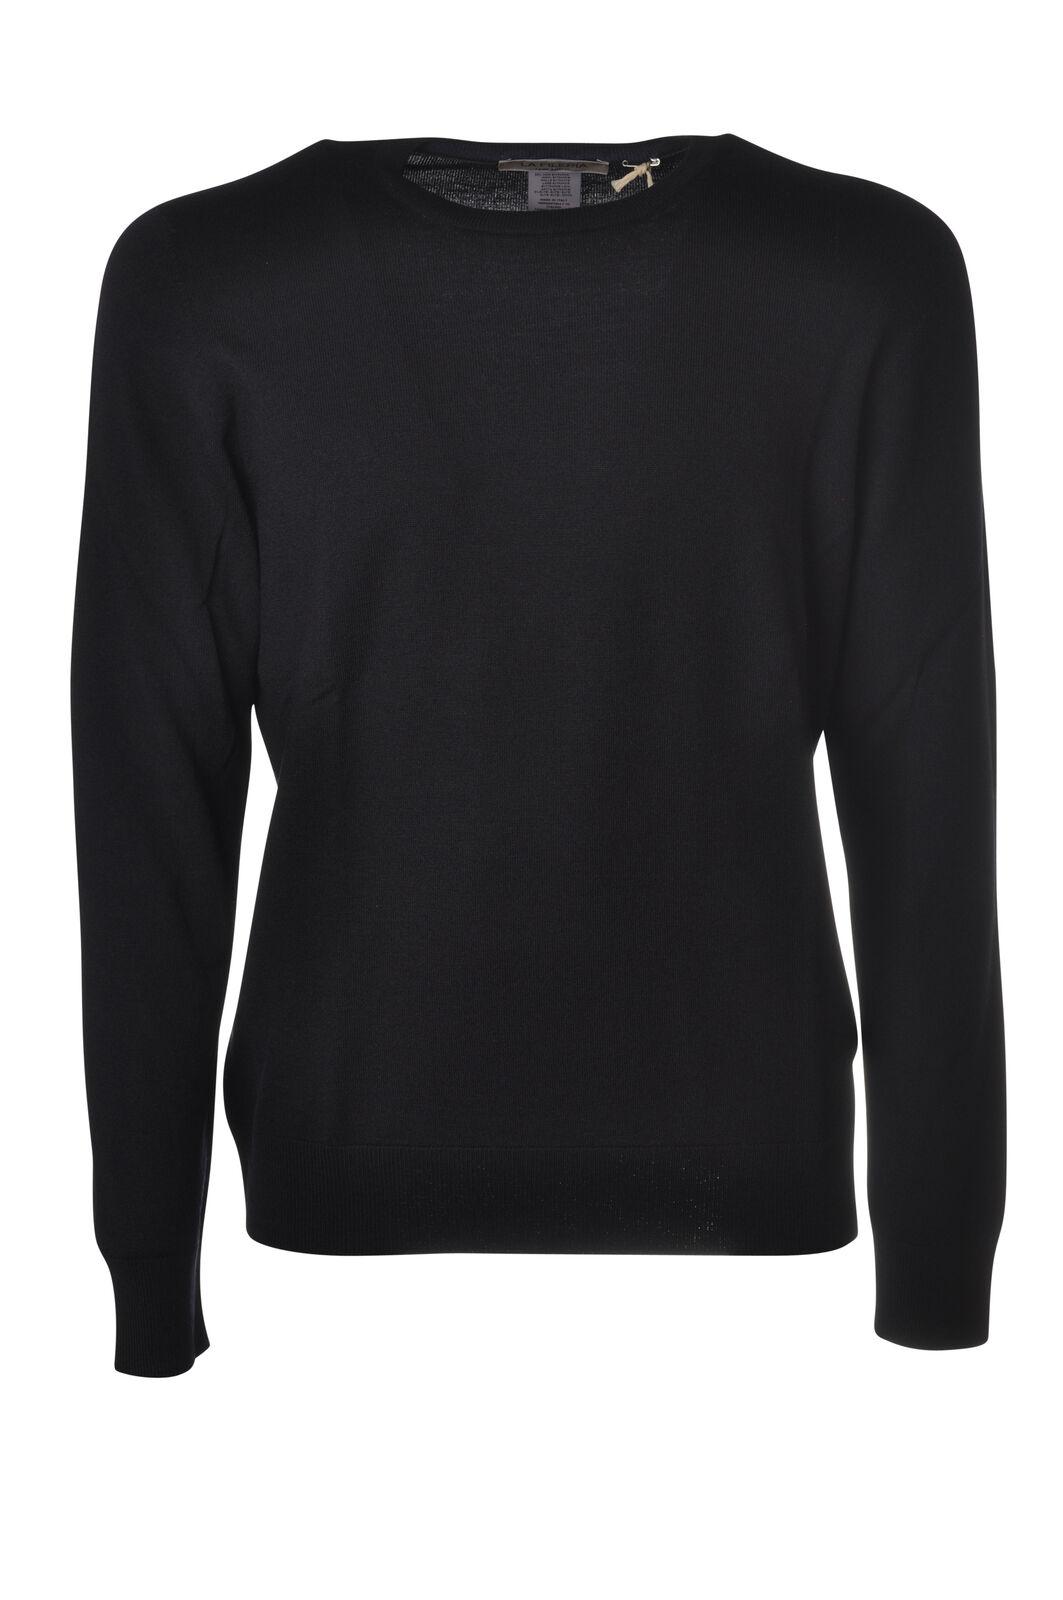 LA FILERIA - Knitwear-Sweaters - Man - bluee - 5466524N183923